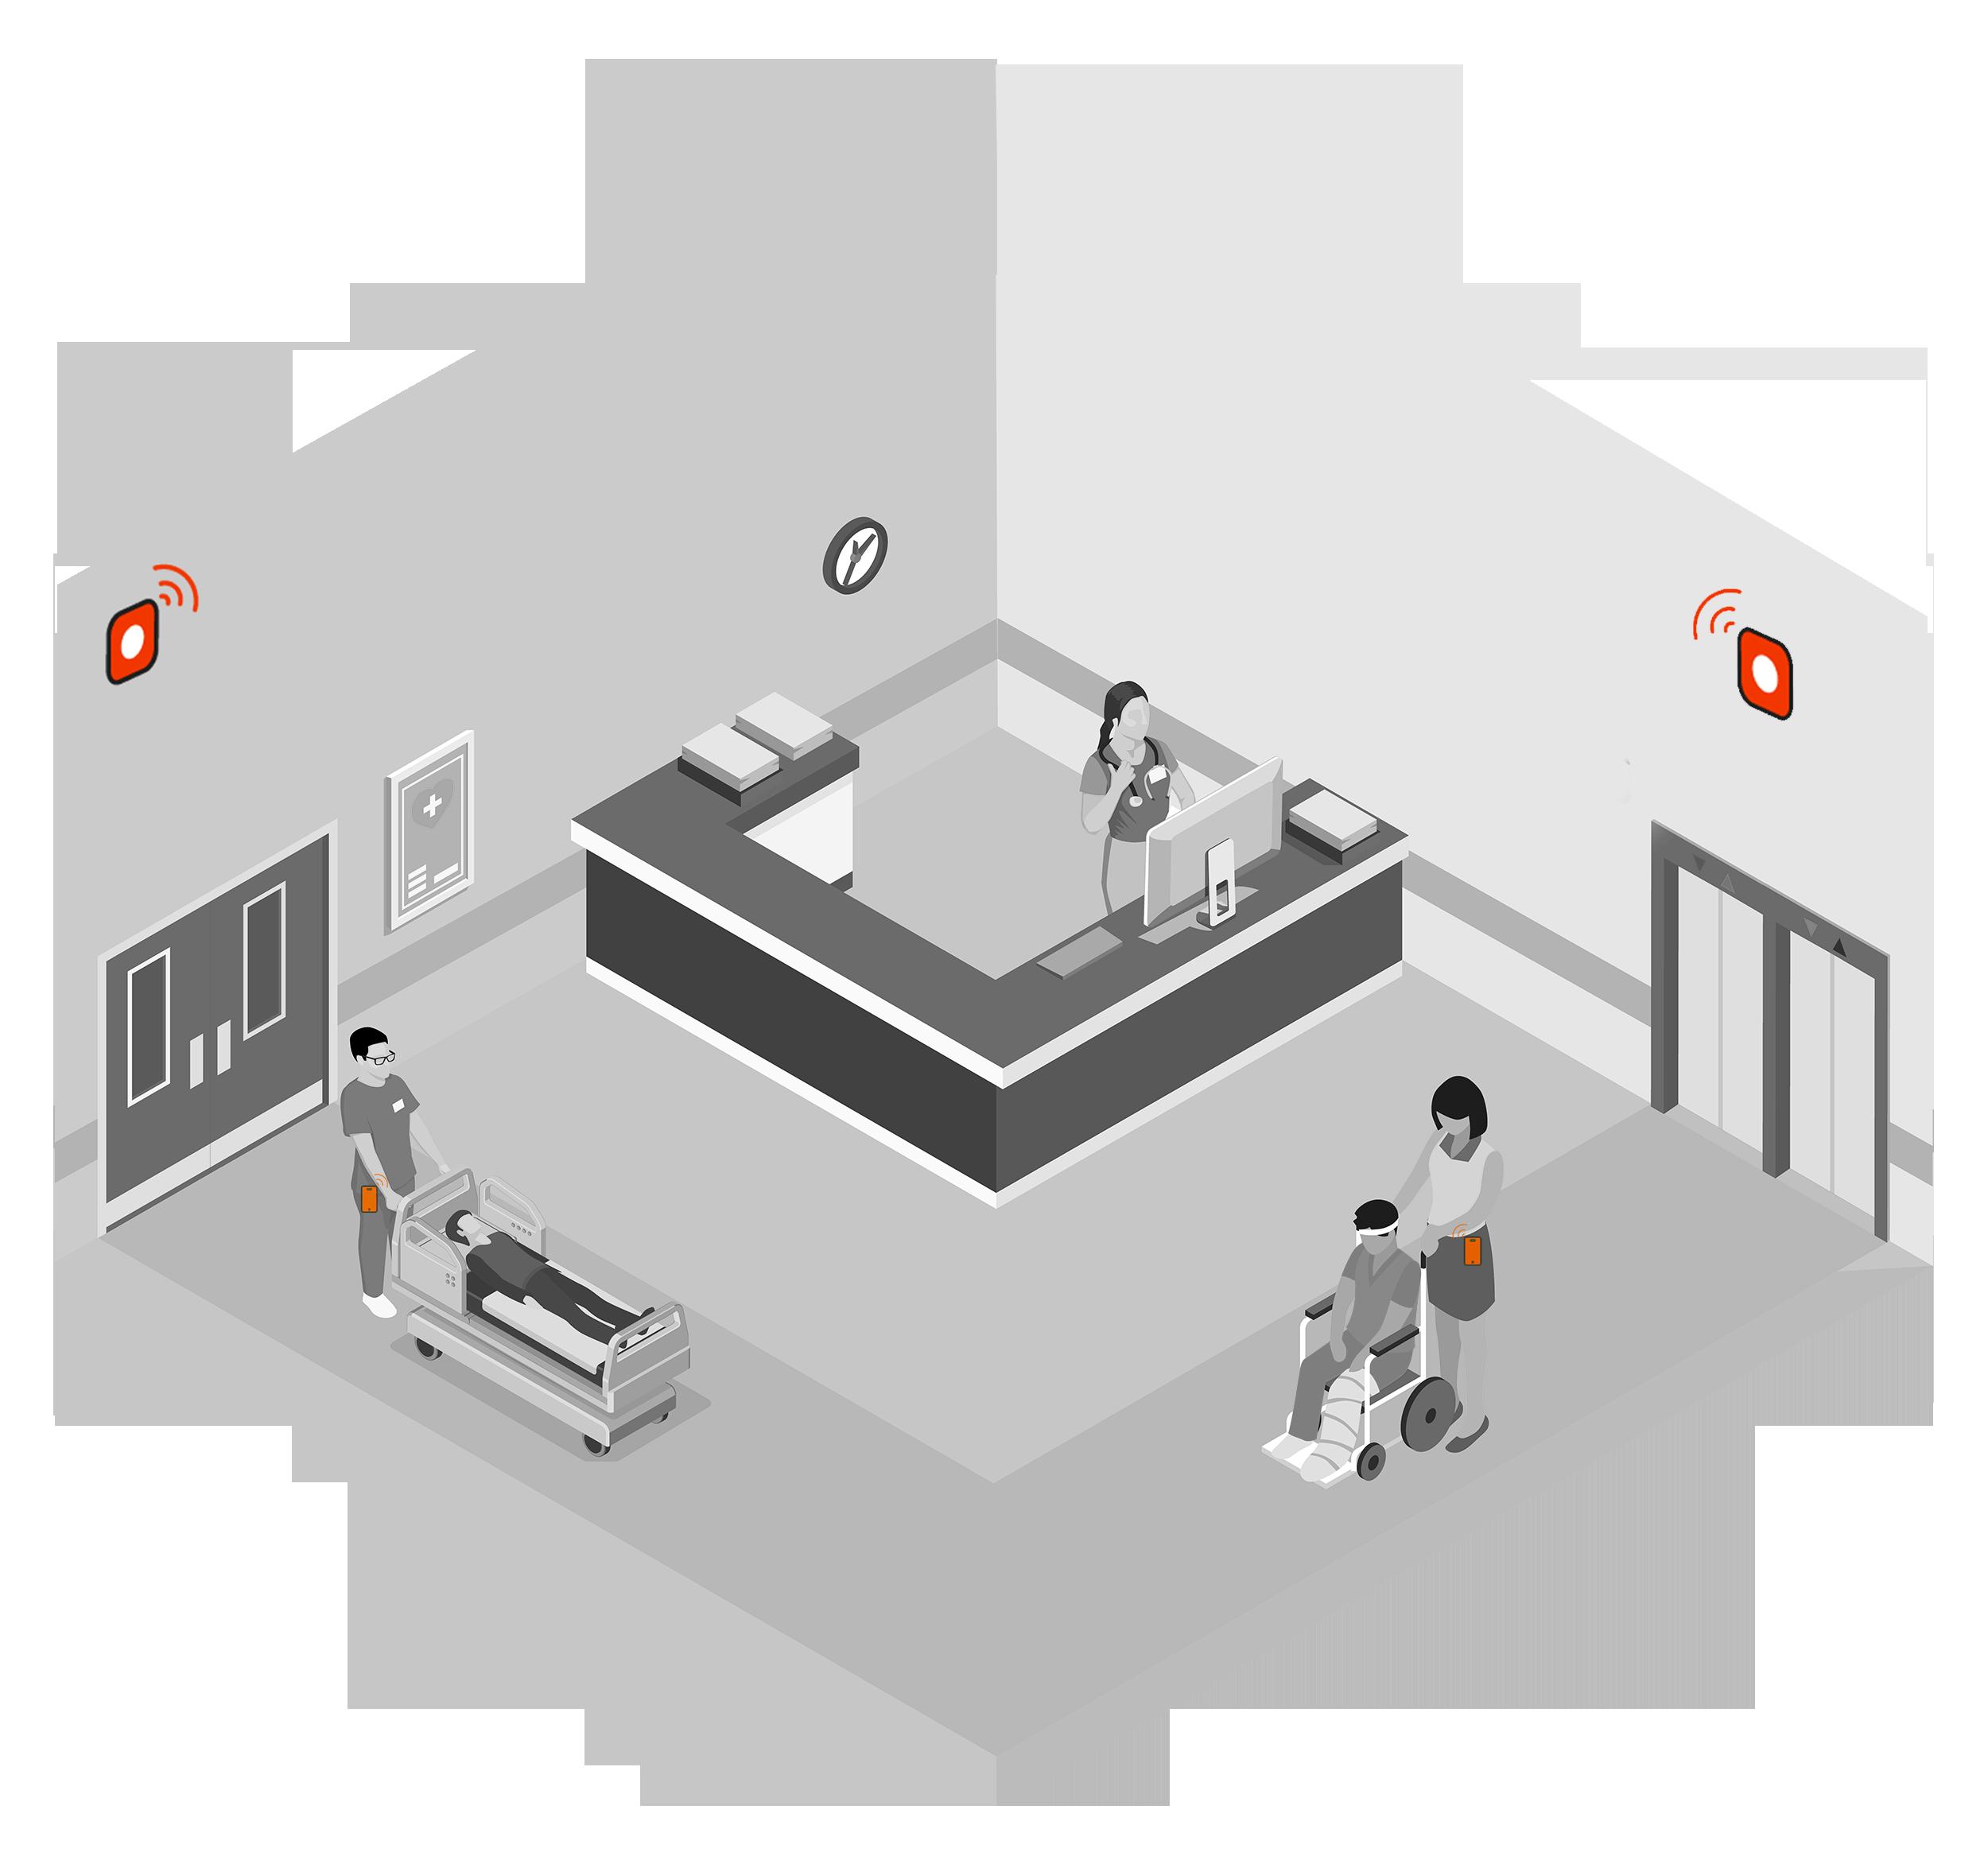 Hospital Porter Tracking Management System